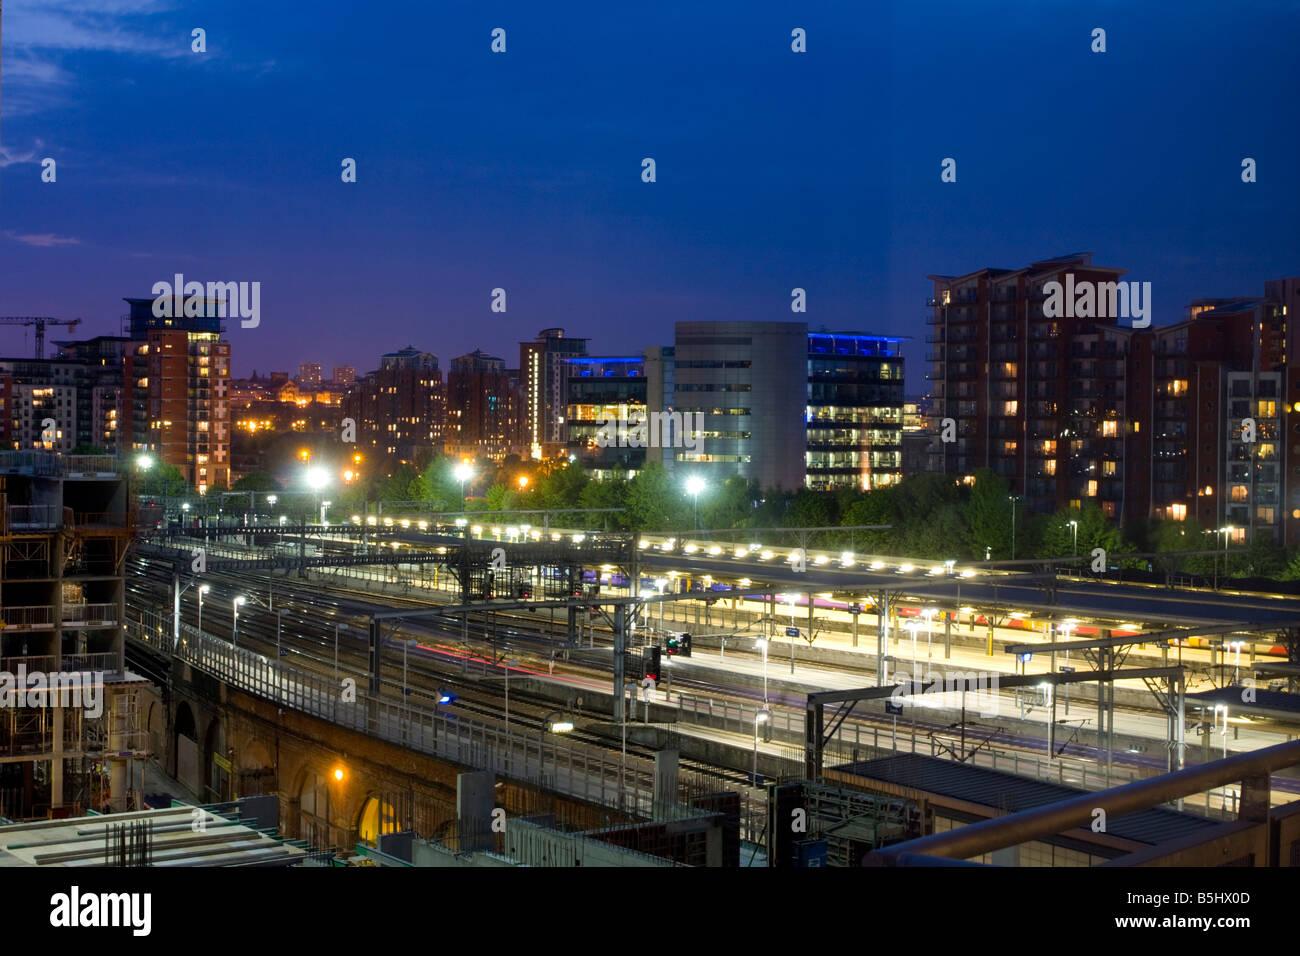 Leeds city train station at dusk UK - Stock Image